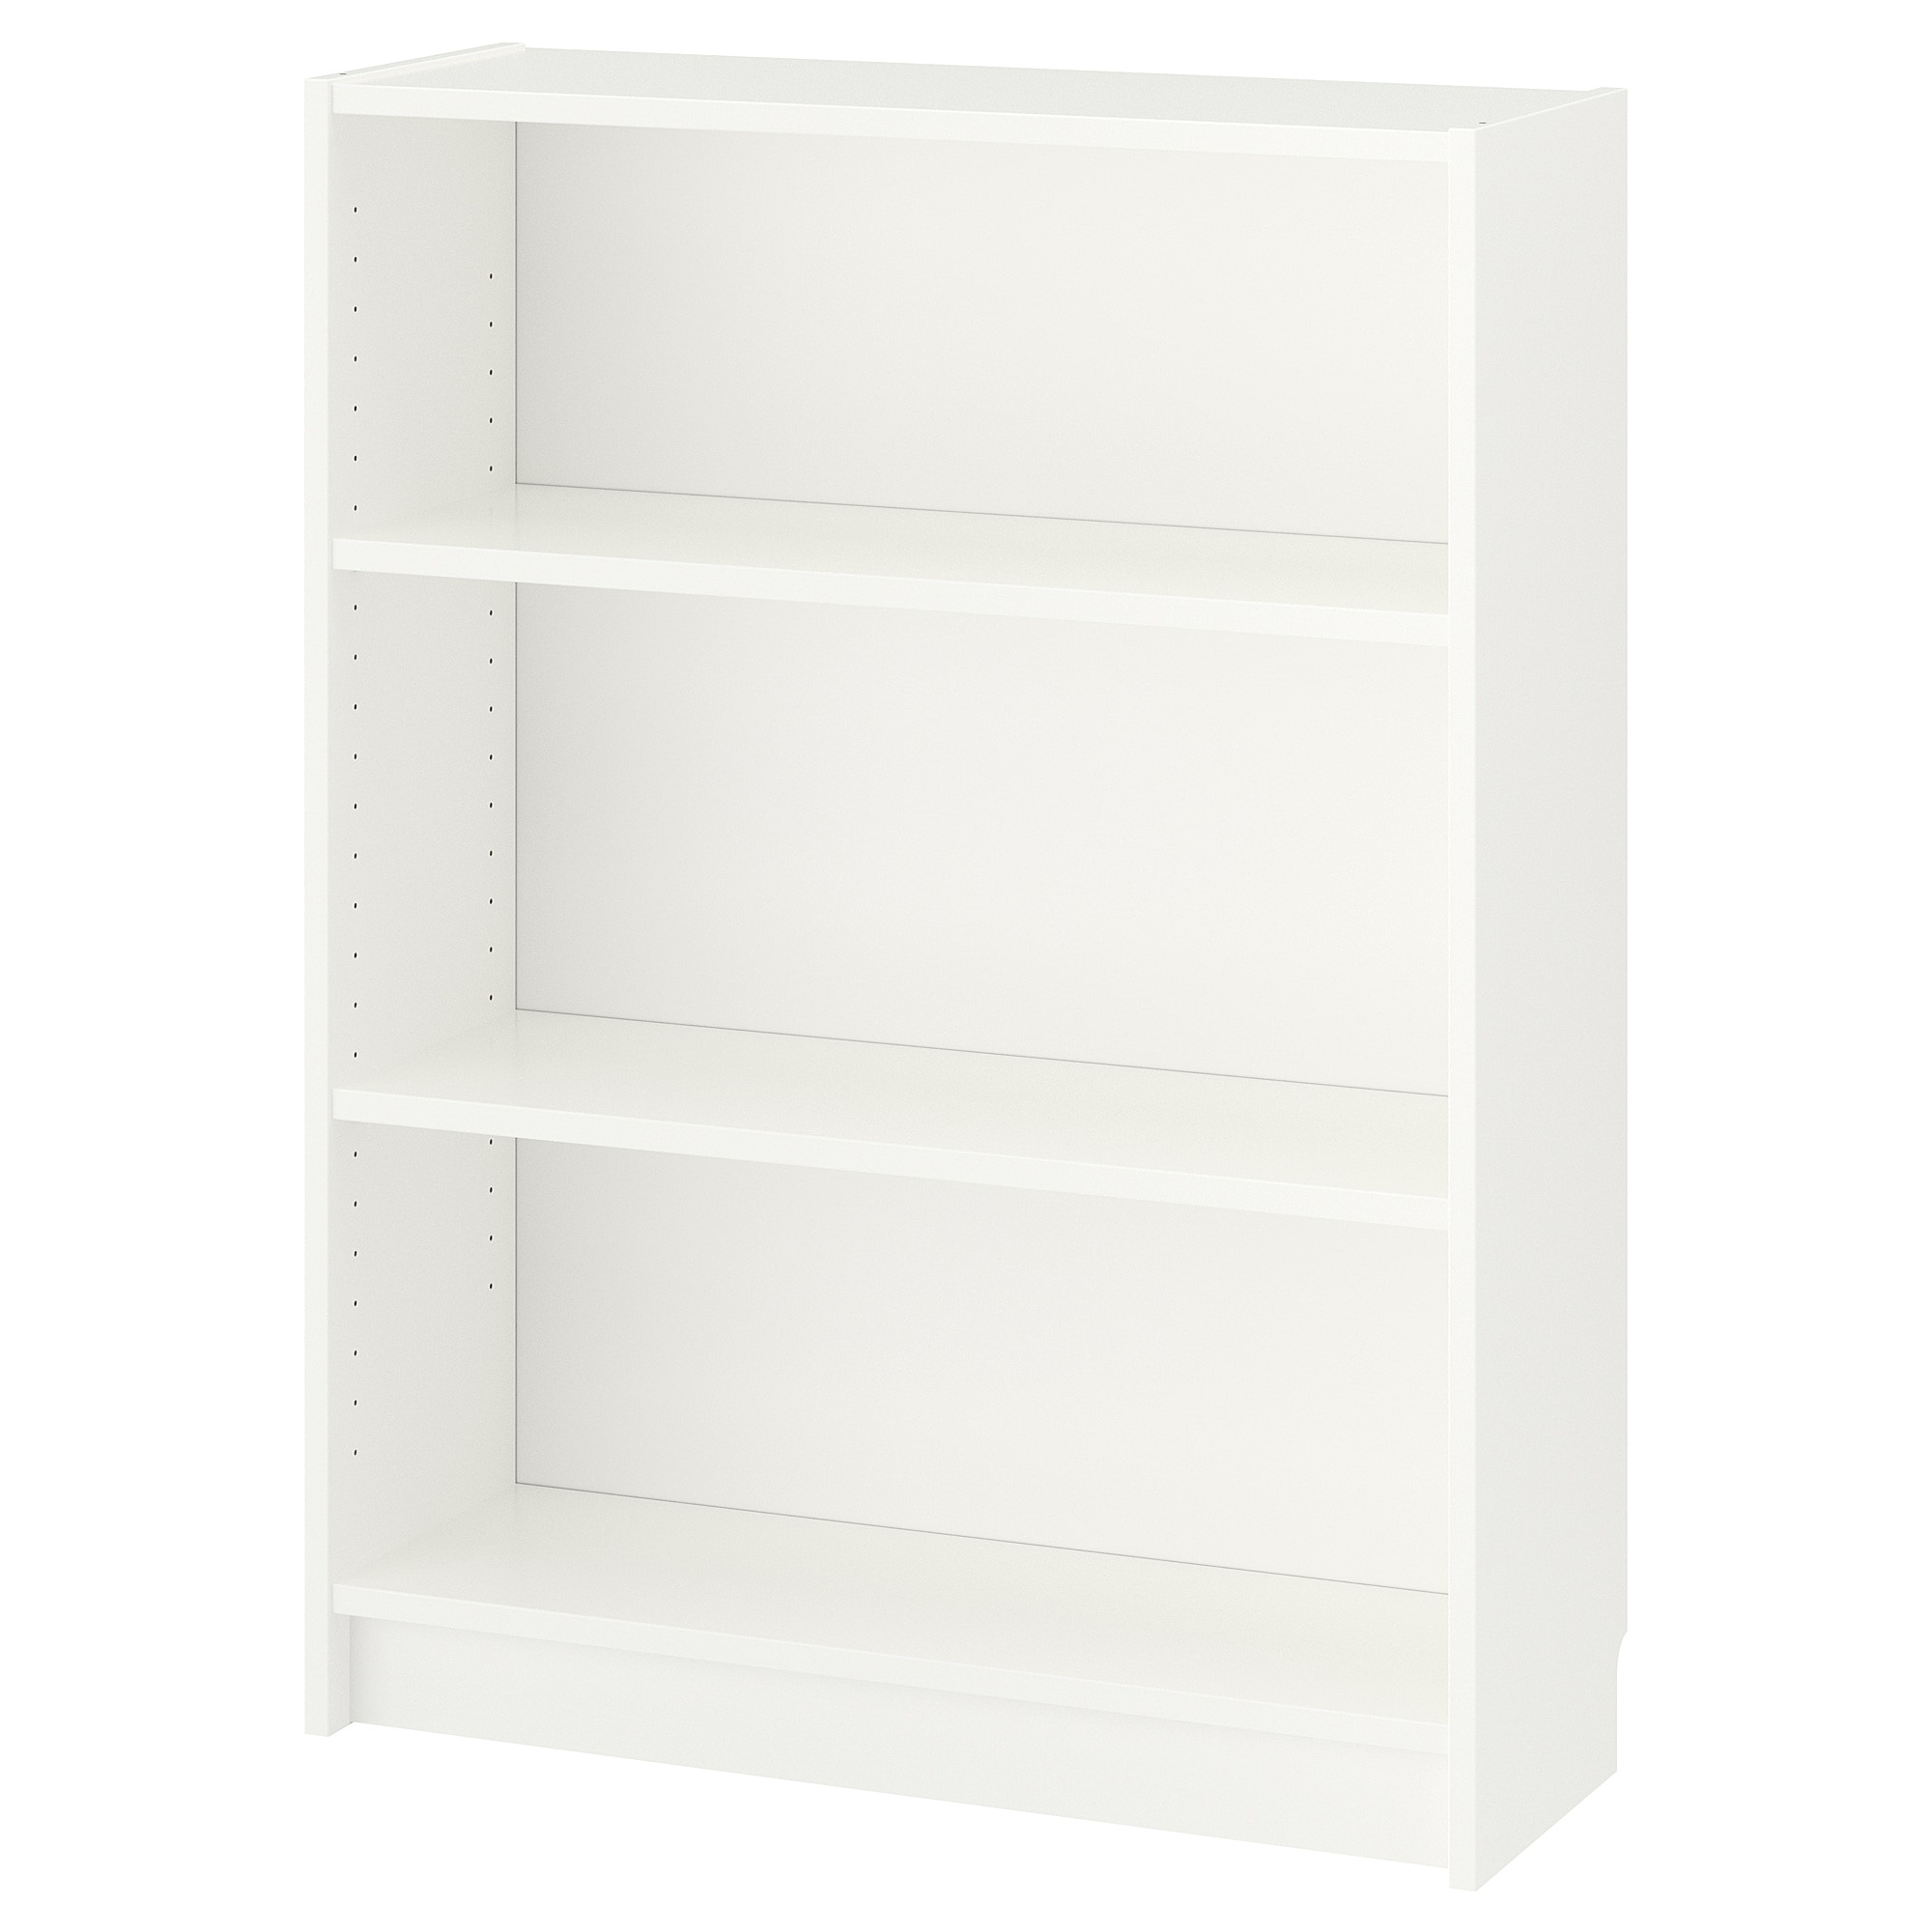 Billy Bookcase White 31 1 2x11x41 3 4 Ikea Ikea Billy Bookcase White White Bookcase Ikea Billy Bookcase